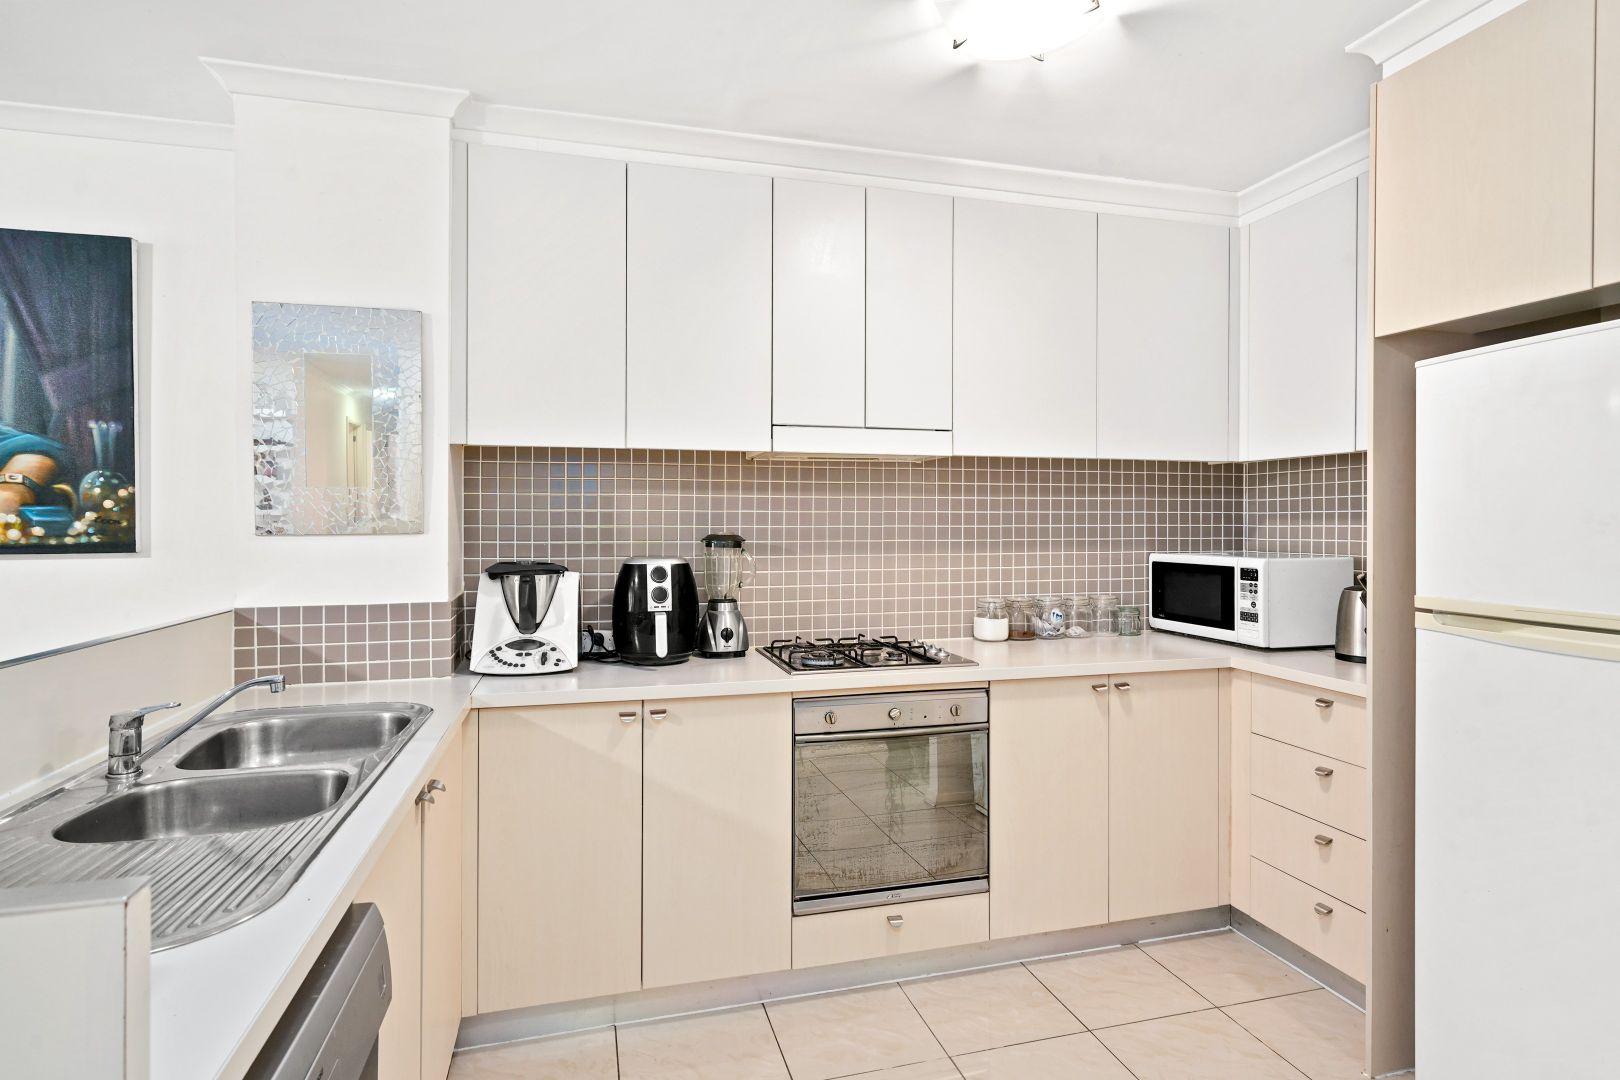 464/80 John Whiteway Drive, Gosford NSW 2250, Image 1